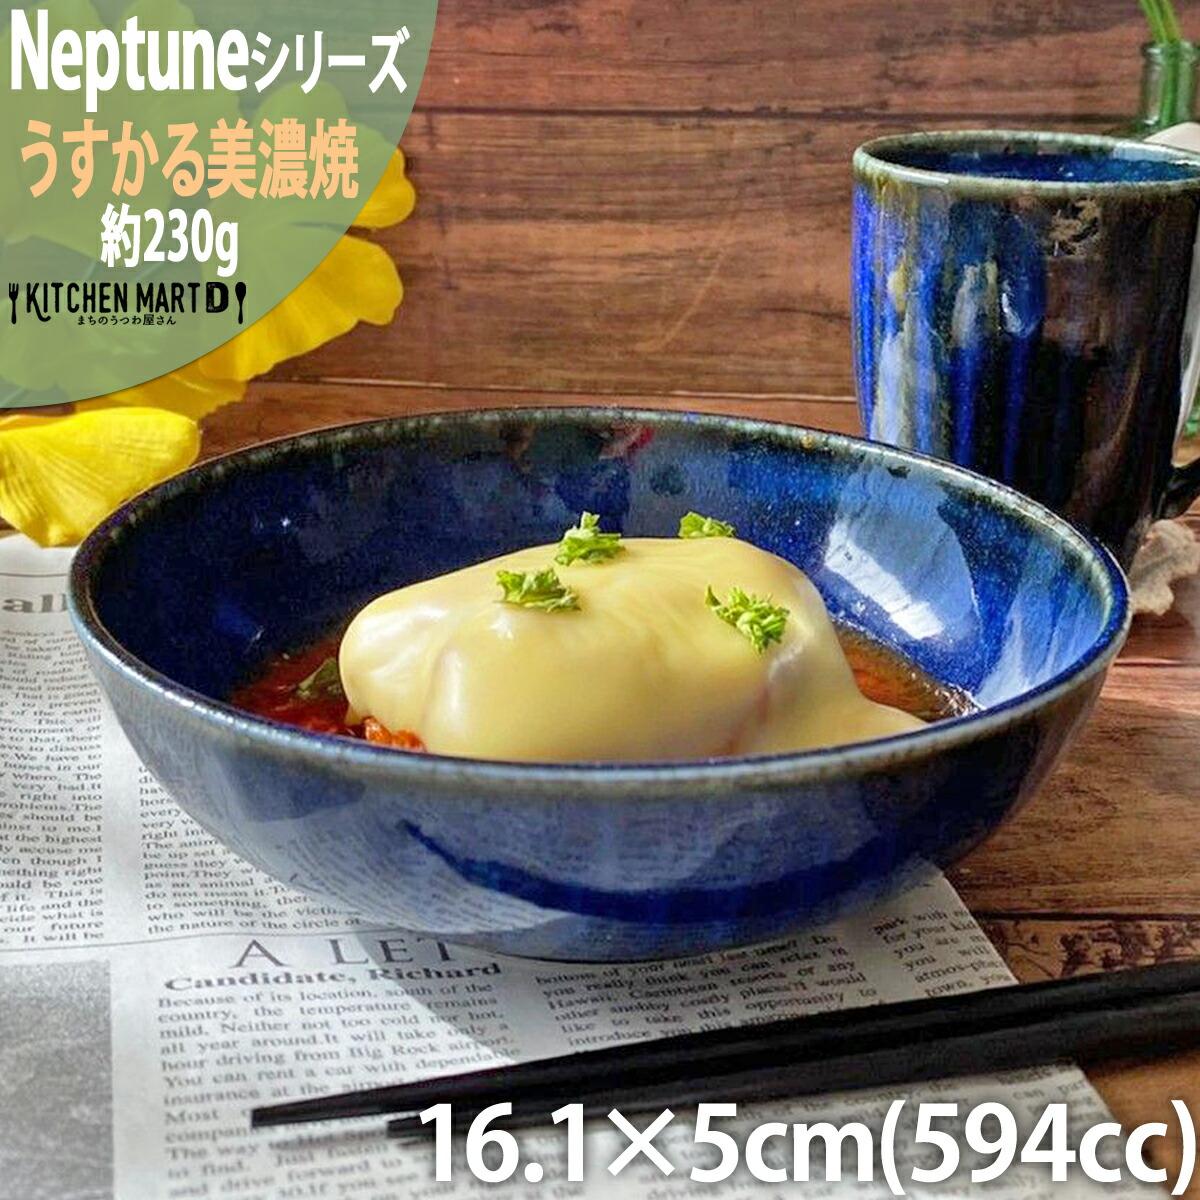 うすかるで洗いやすい 持ち運びしやすい美濃焼の食器 インスタ映えするお洒落なシリーズ 色々なサイズ 形状を揃えて 北欧気分で楽しめます ネプチューン うすかる 55鉢 16cm 丸 ボウル 590cc 約230g ネイビー インディゴ 丸型 小鉢 カフェ 軽量 おうちカフェ インスタ映え 日本製 北欧風 陶器 食洗機対応 あす楽対応 ブランド激安セール会場 食器 日本全国 送料無料 北欧 おしゃれ 美濃焼 国産 軽い ラッピング不可 皿